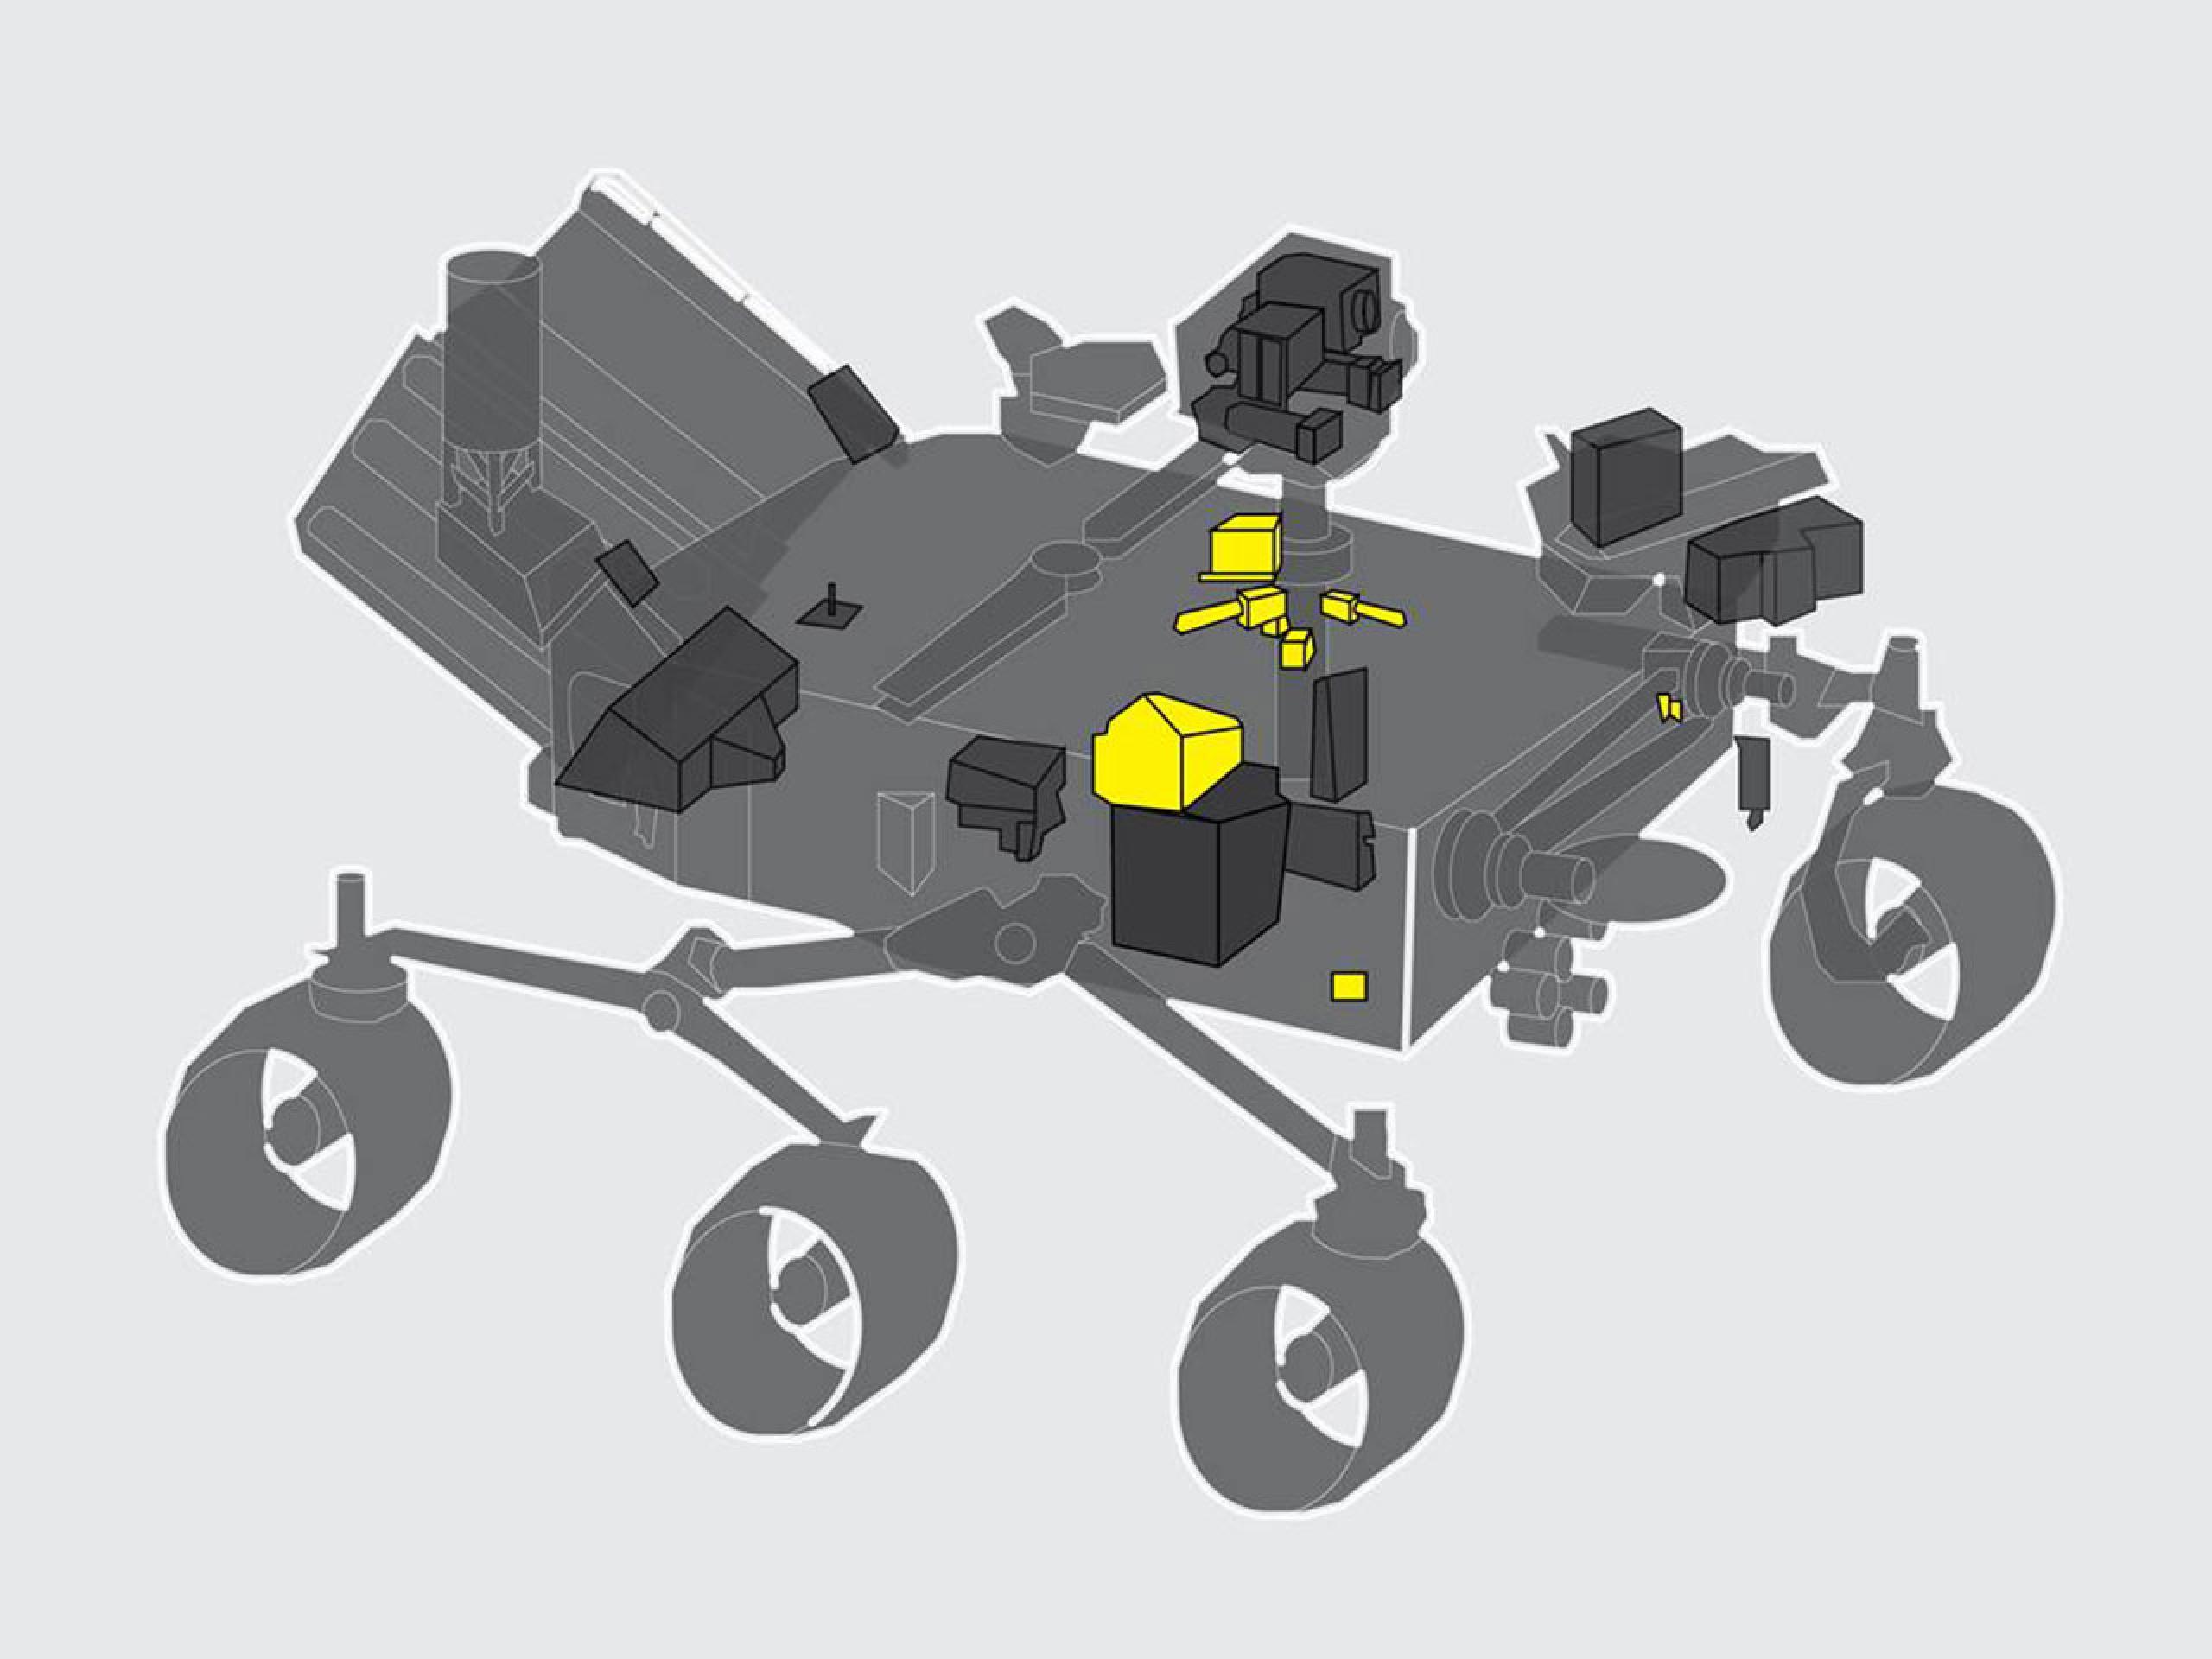 meda_on_rover.jpg